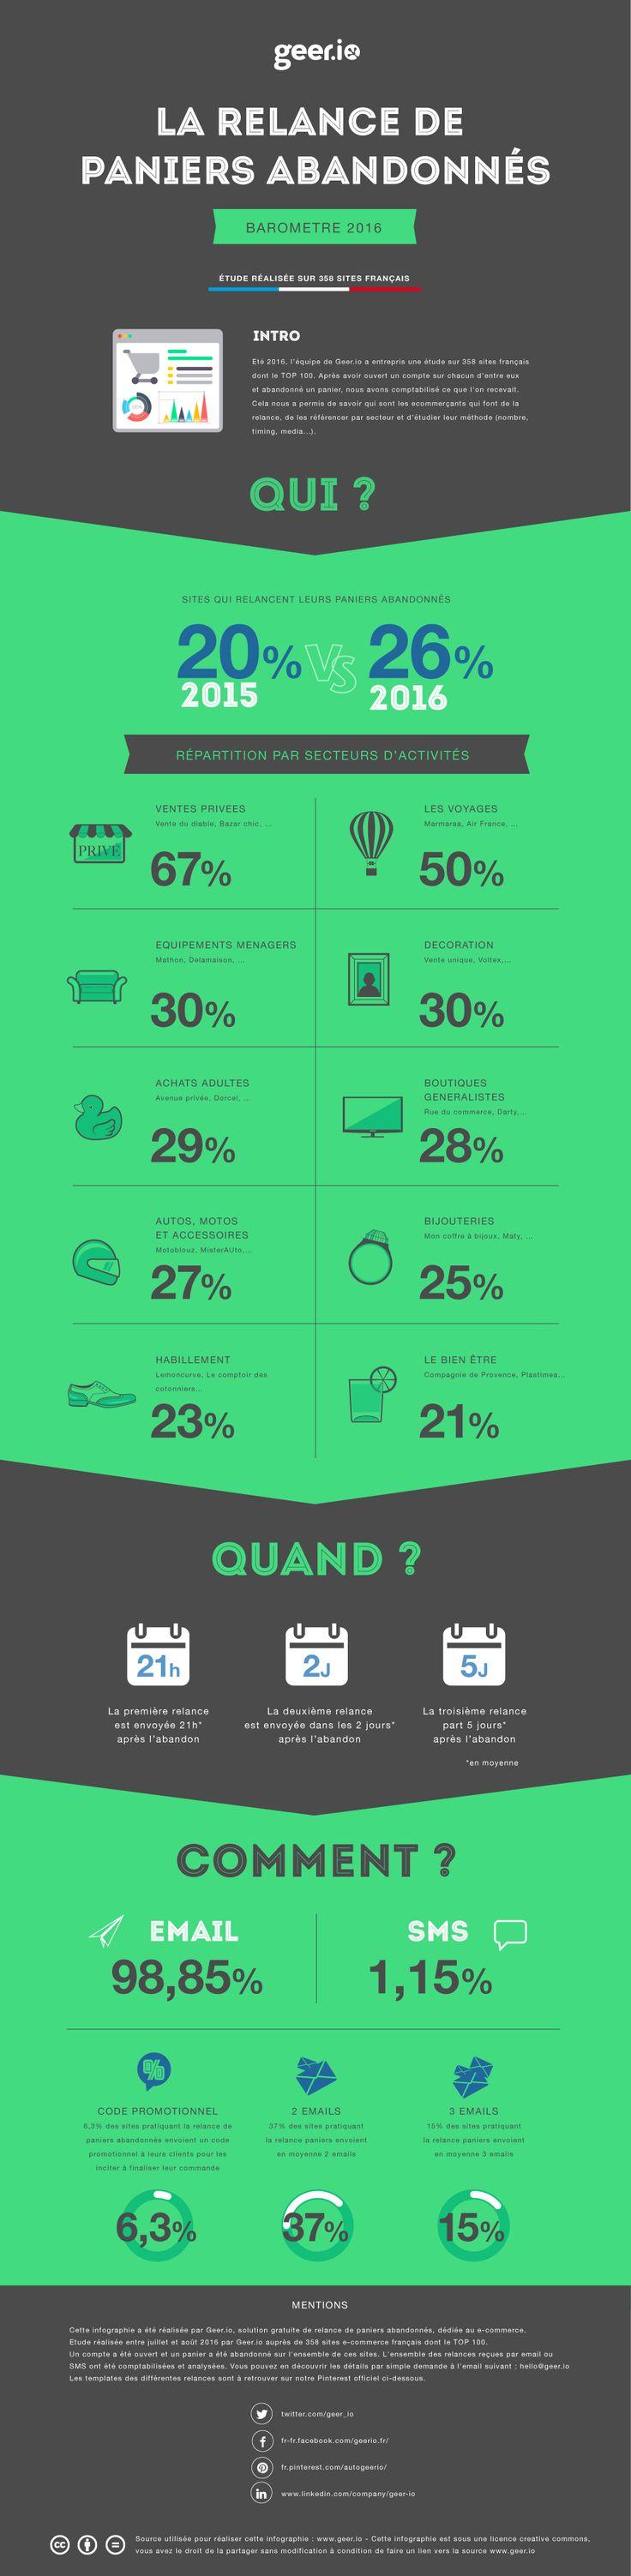 Comment les plus grands e-Commerce Français gèrent la relance de paniers abandonnés ? - Ecommerce